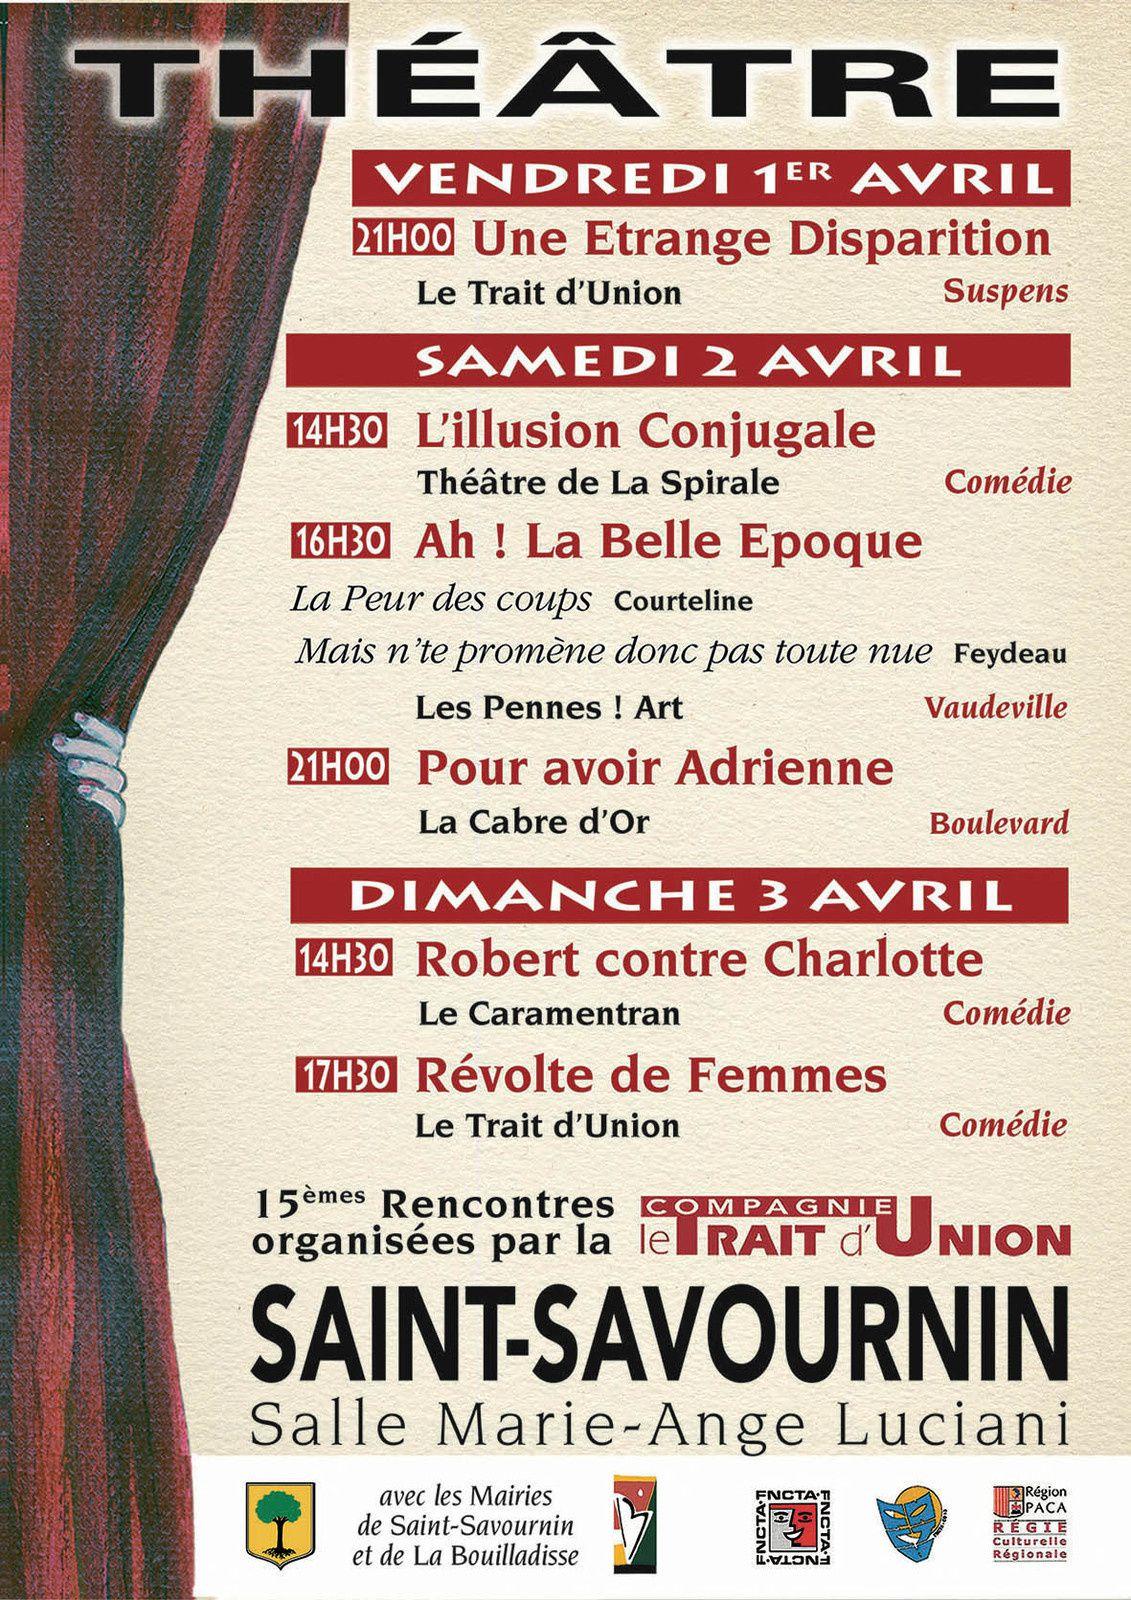 Festival de théâtre à Saint Savournin